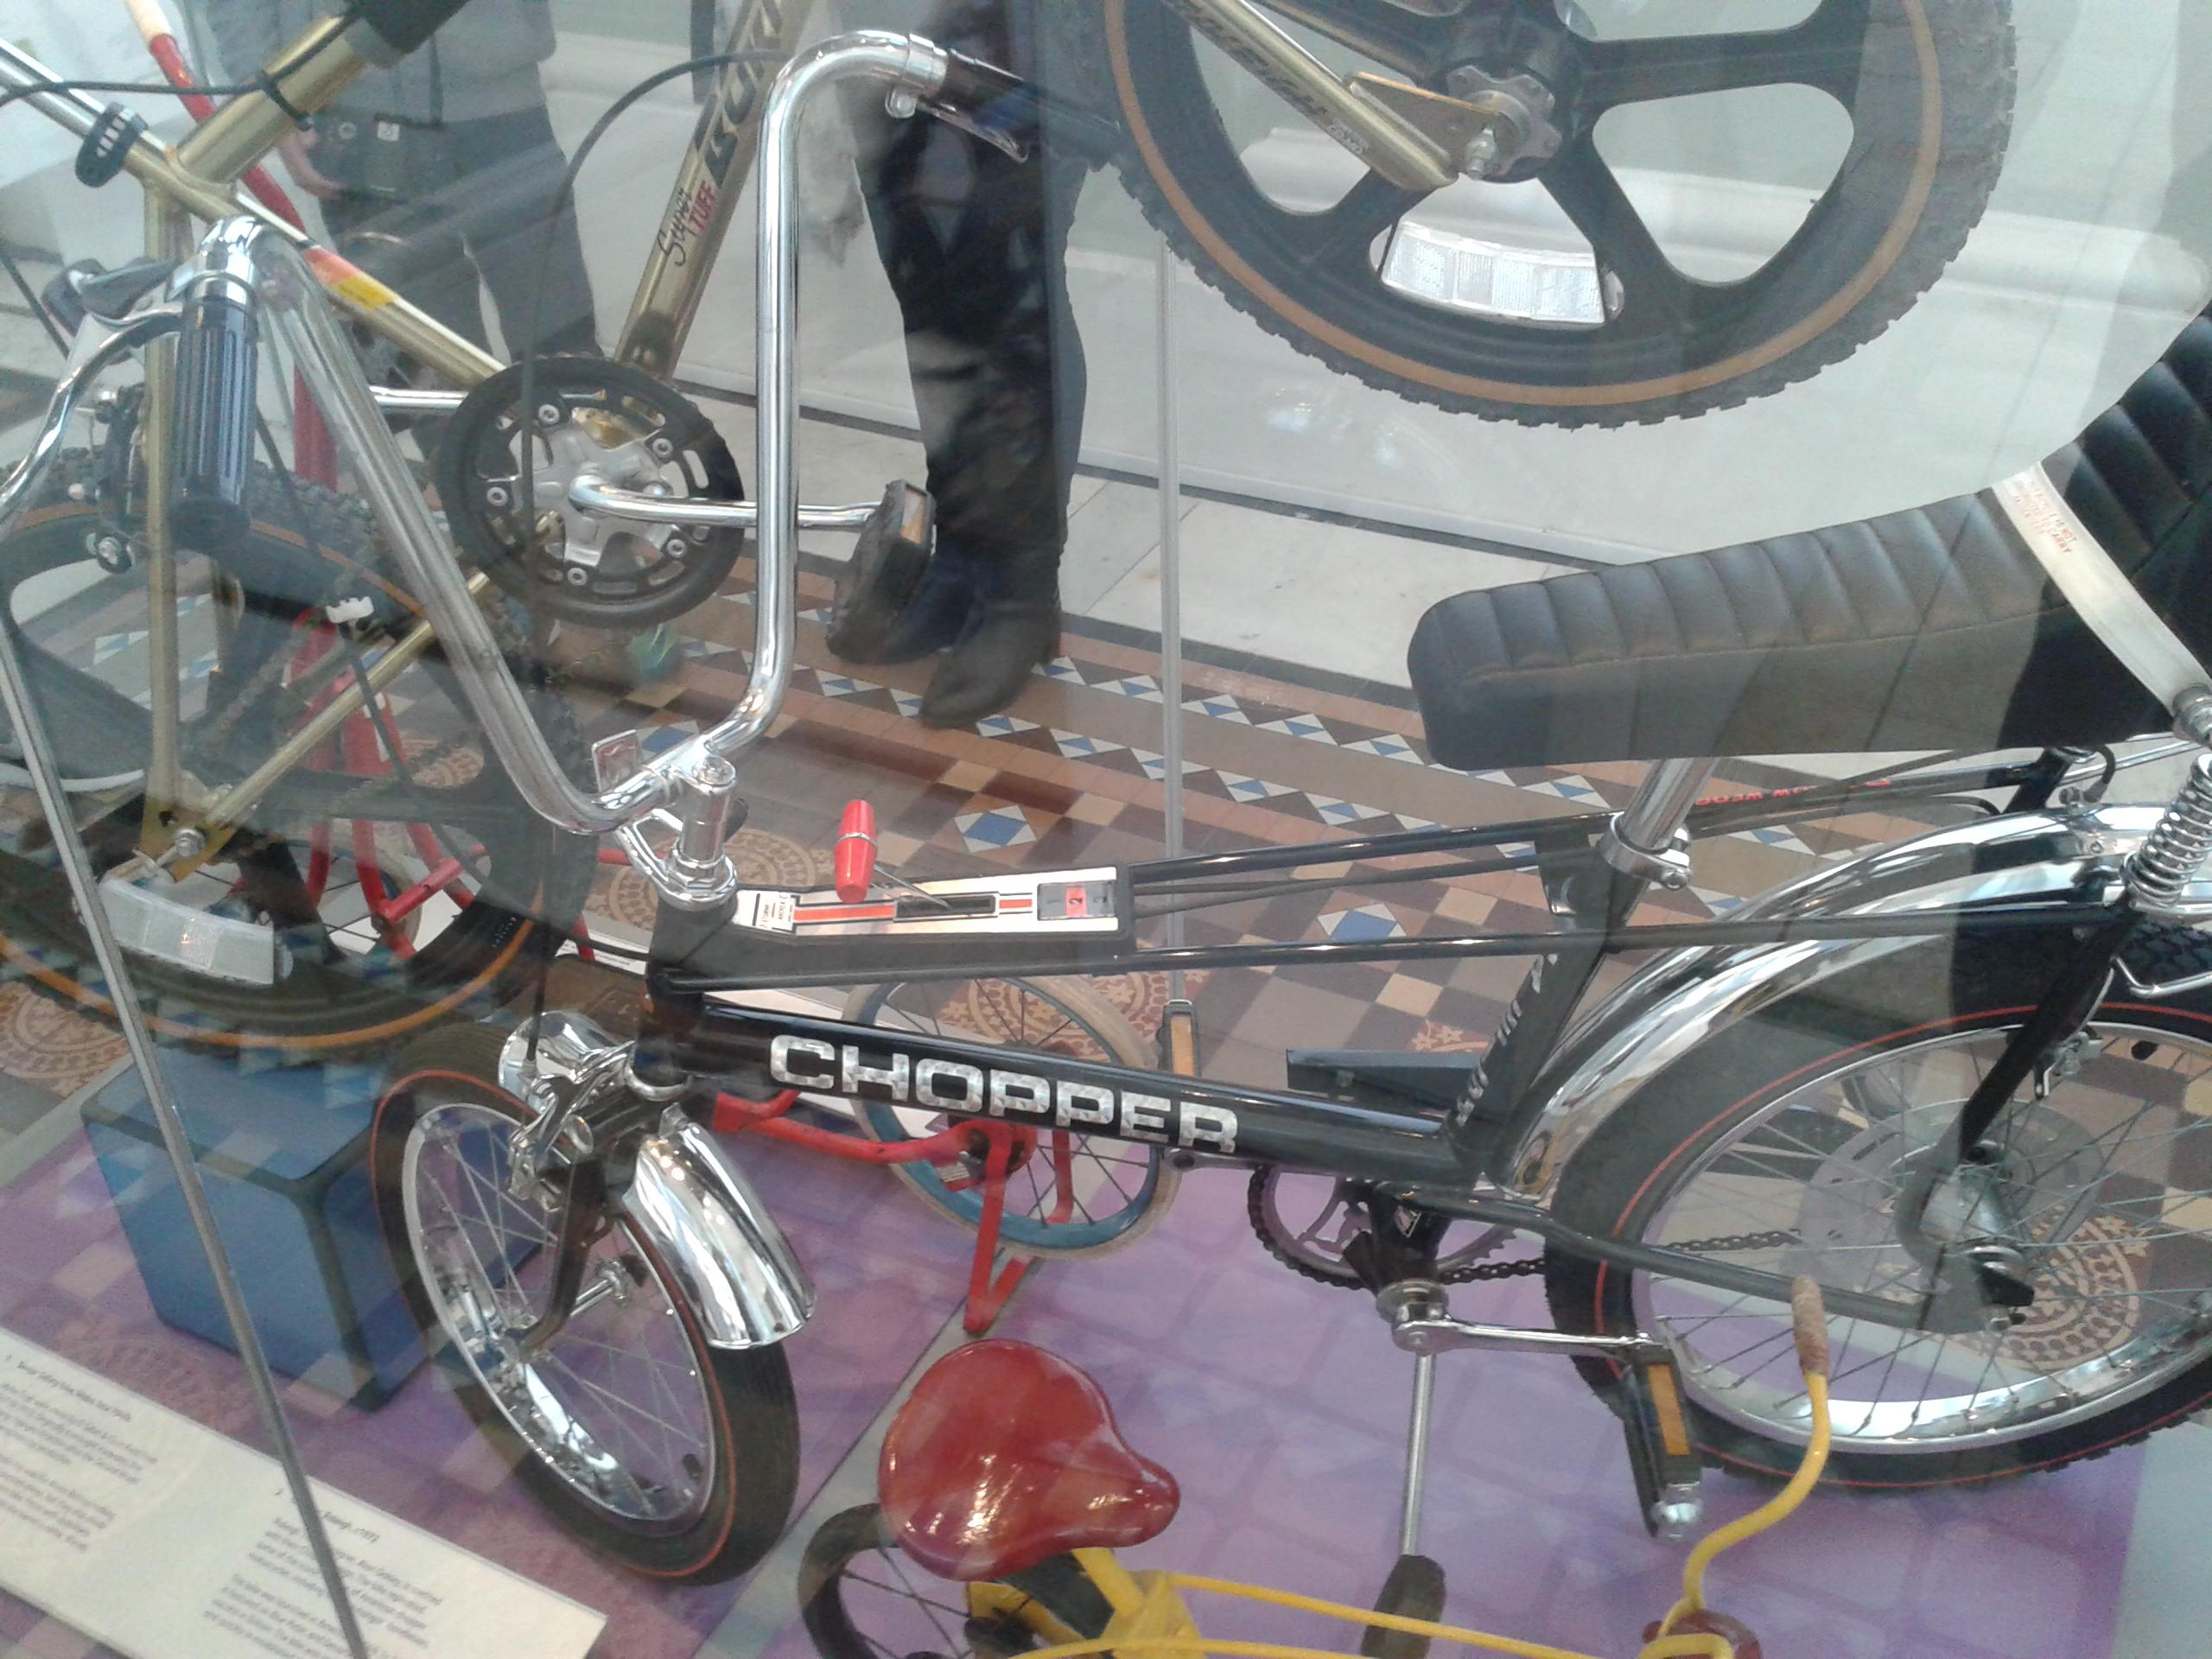 Kolo Chopper